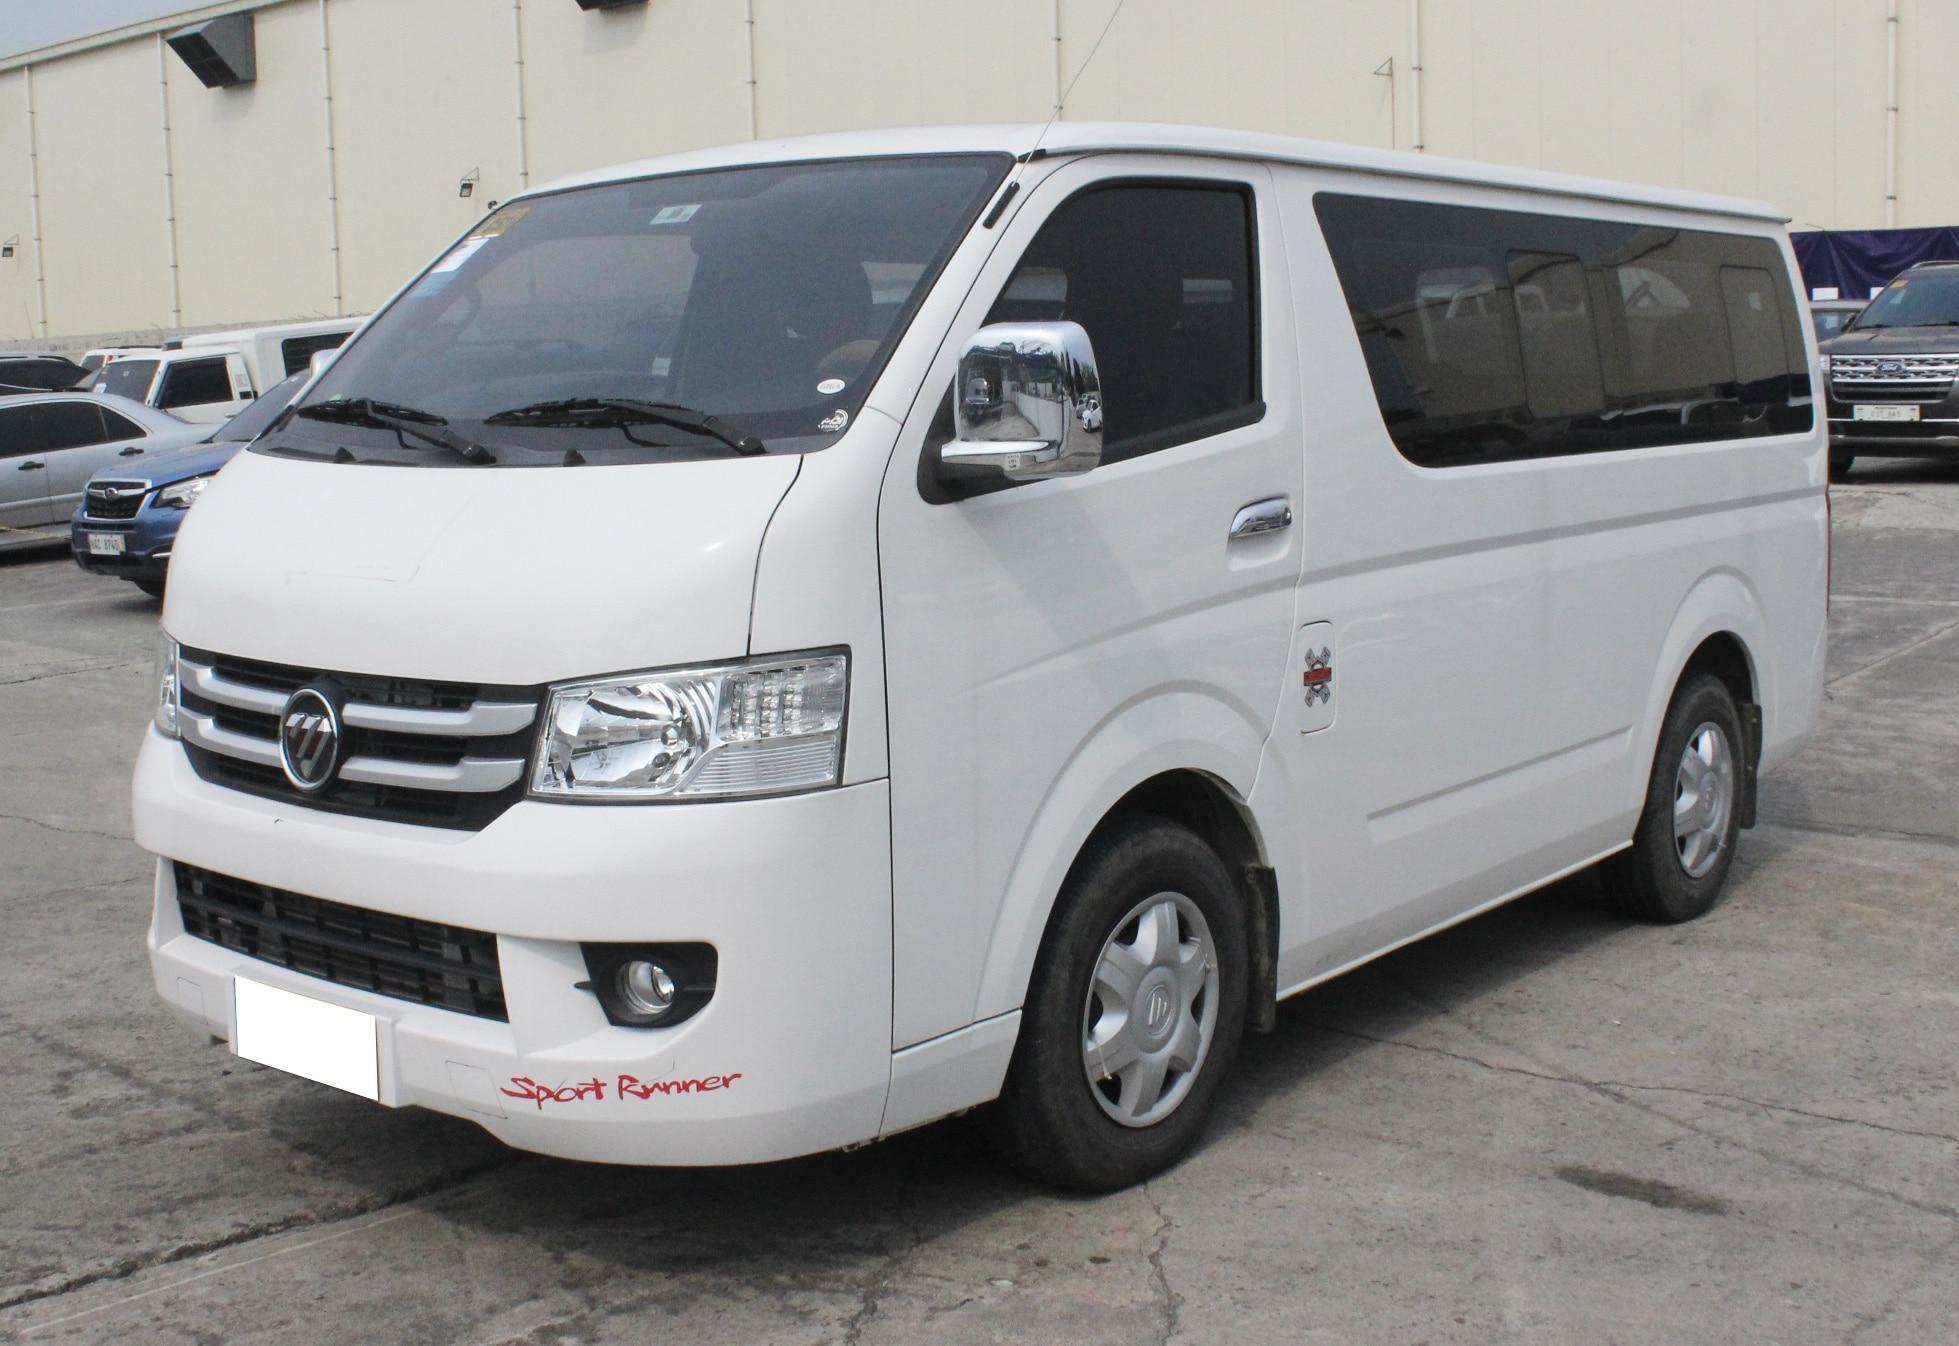 2018 Foton View Transvan